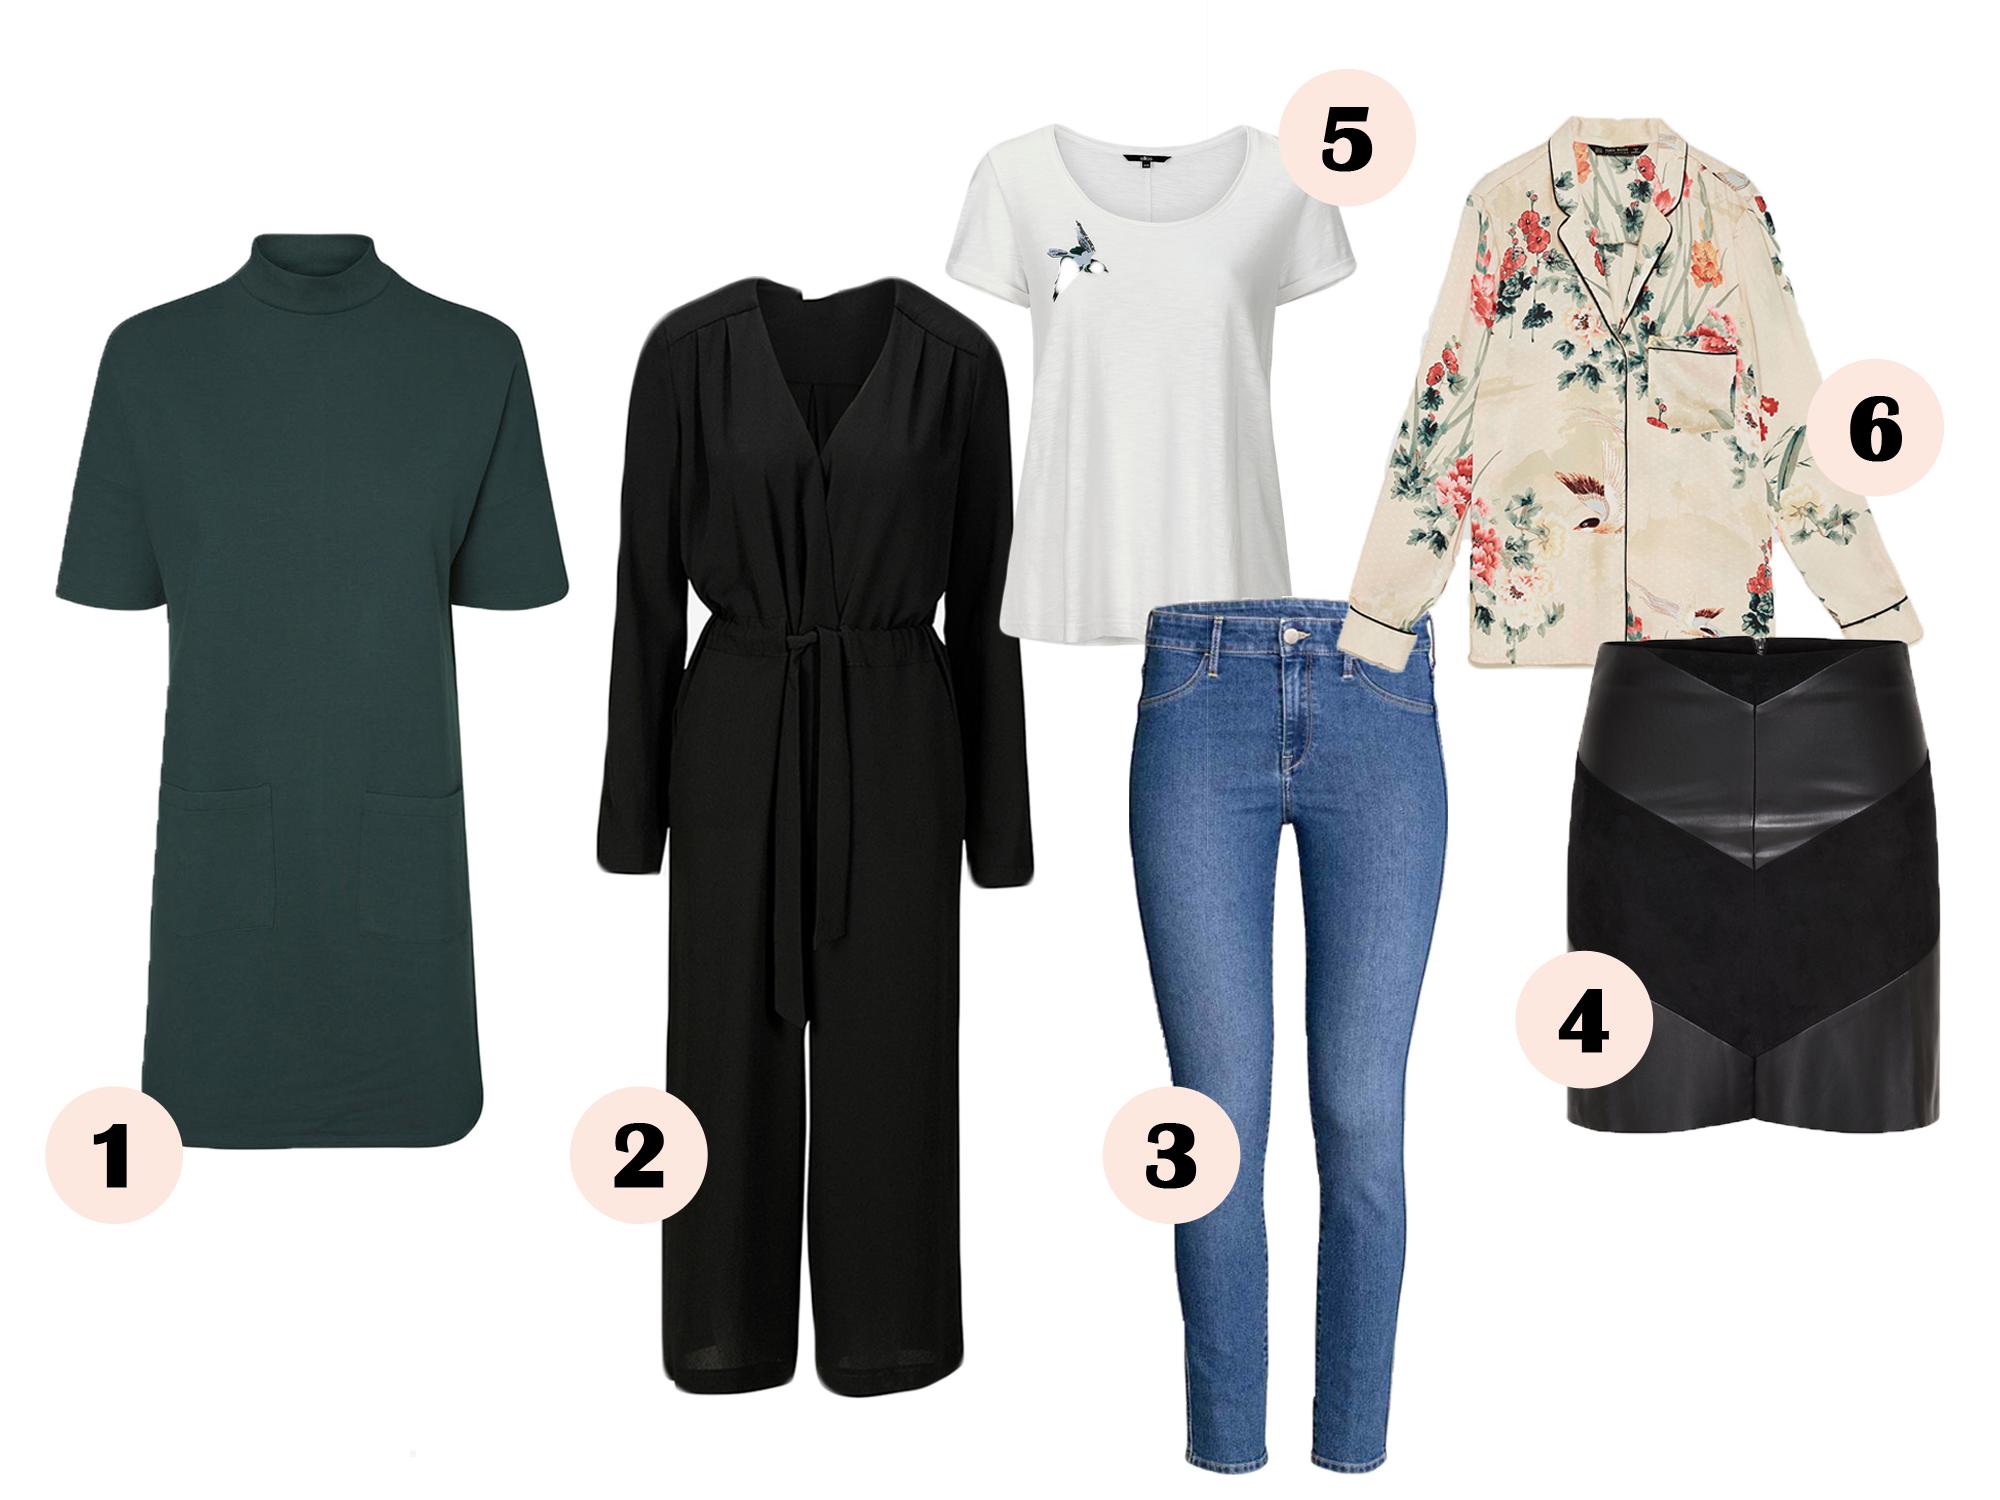 tøj, kjole, efterår, grøn, buksedragt, jumpsuit, t-shirt, hvid, jeans, blå, blomstret skjorte, imiteret lædernederdel